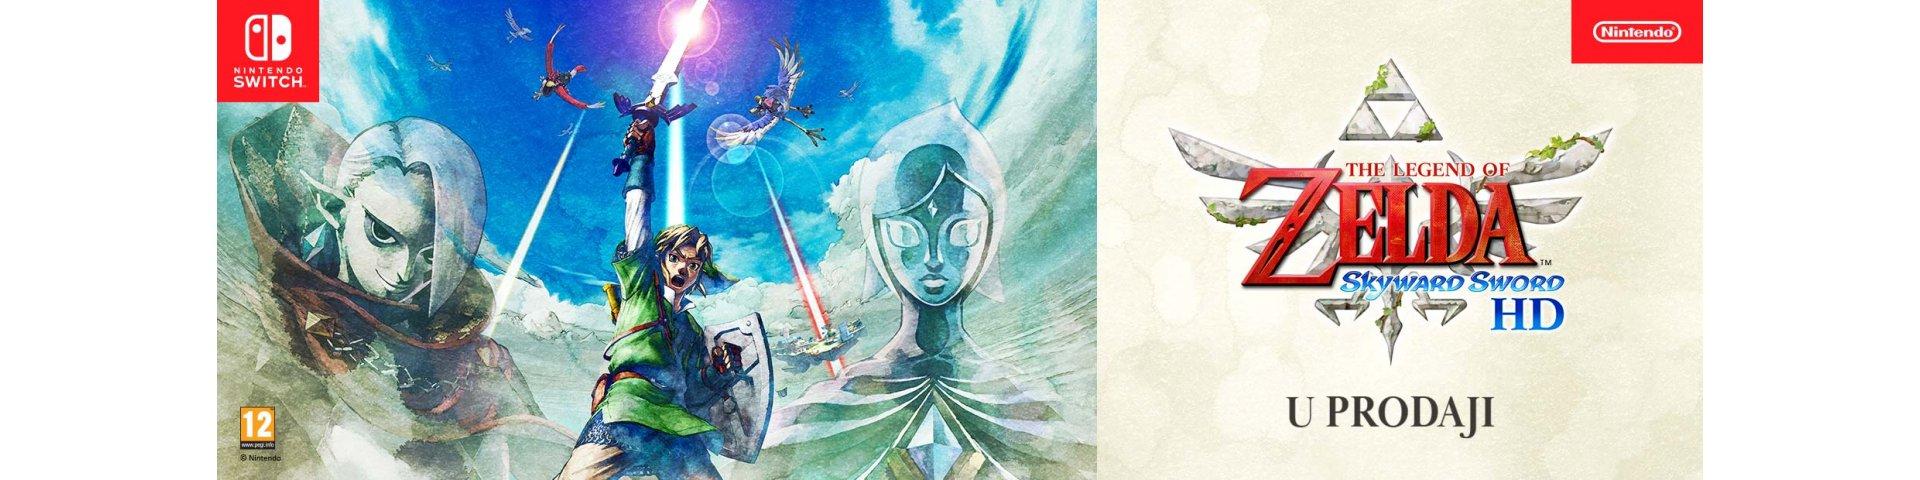 the legend of zelda:skyward sword